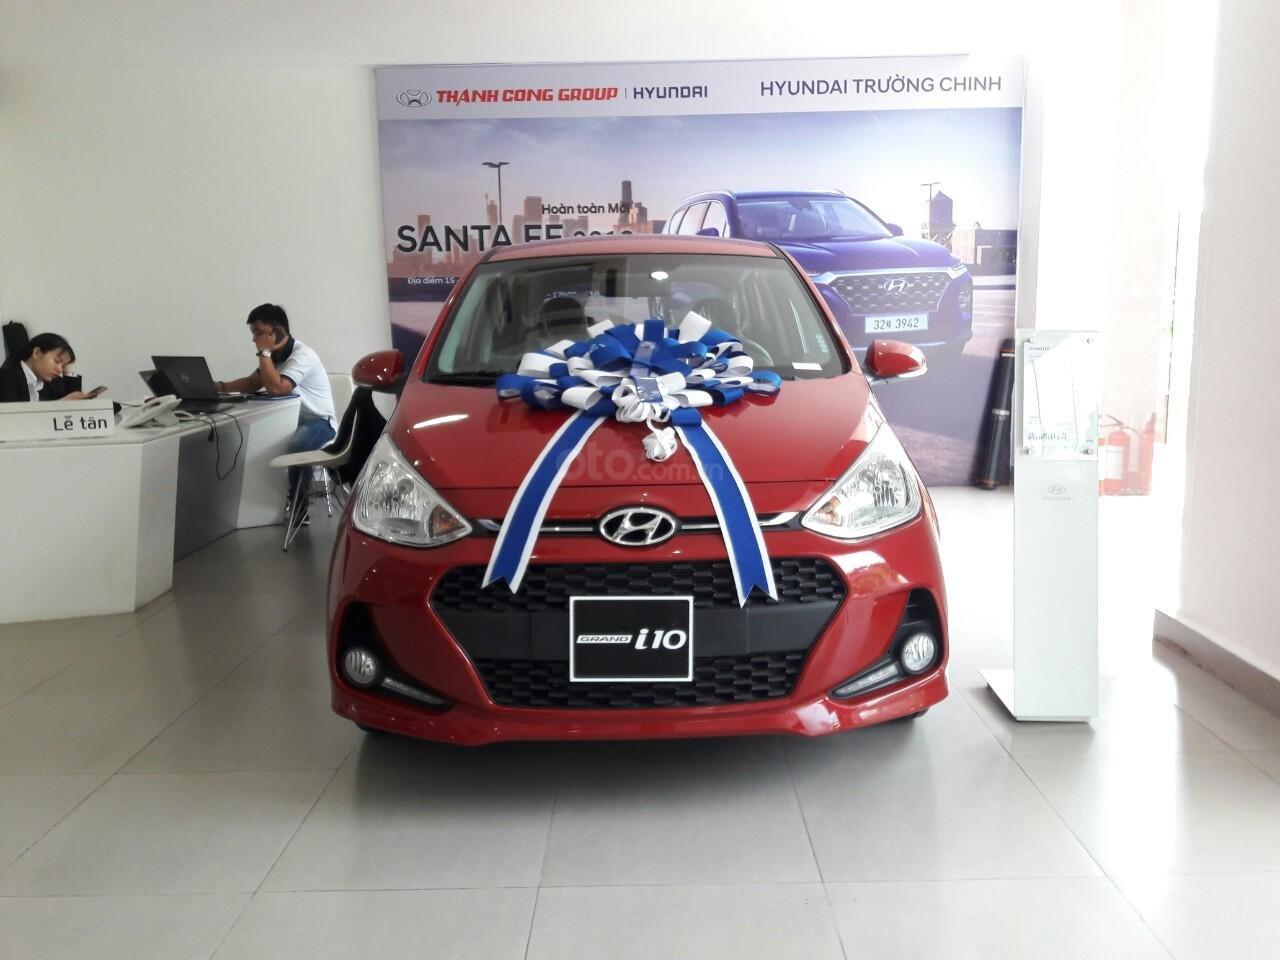 Bán Hyundai Grand I10 1.2AT, màu đỏ nhận xe ngay chỉ với 120tr, hỗ trợ đăng ký Grab, vay trả góp LS cực ưu đãi (1)